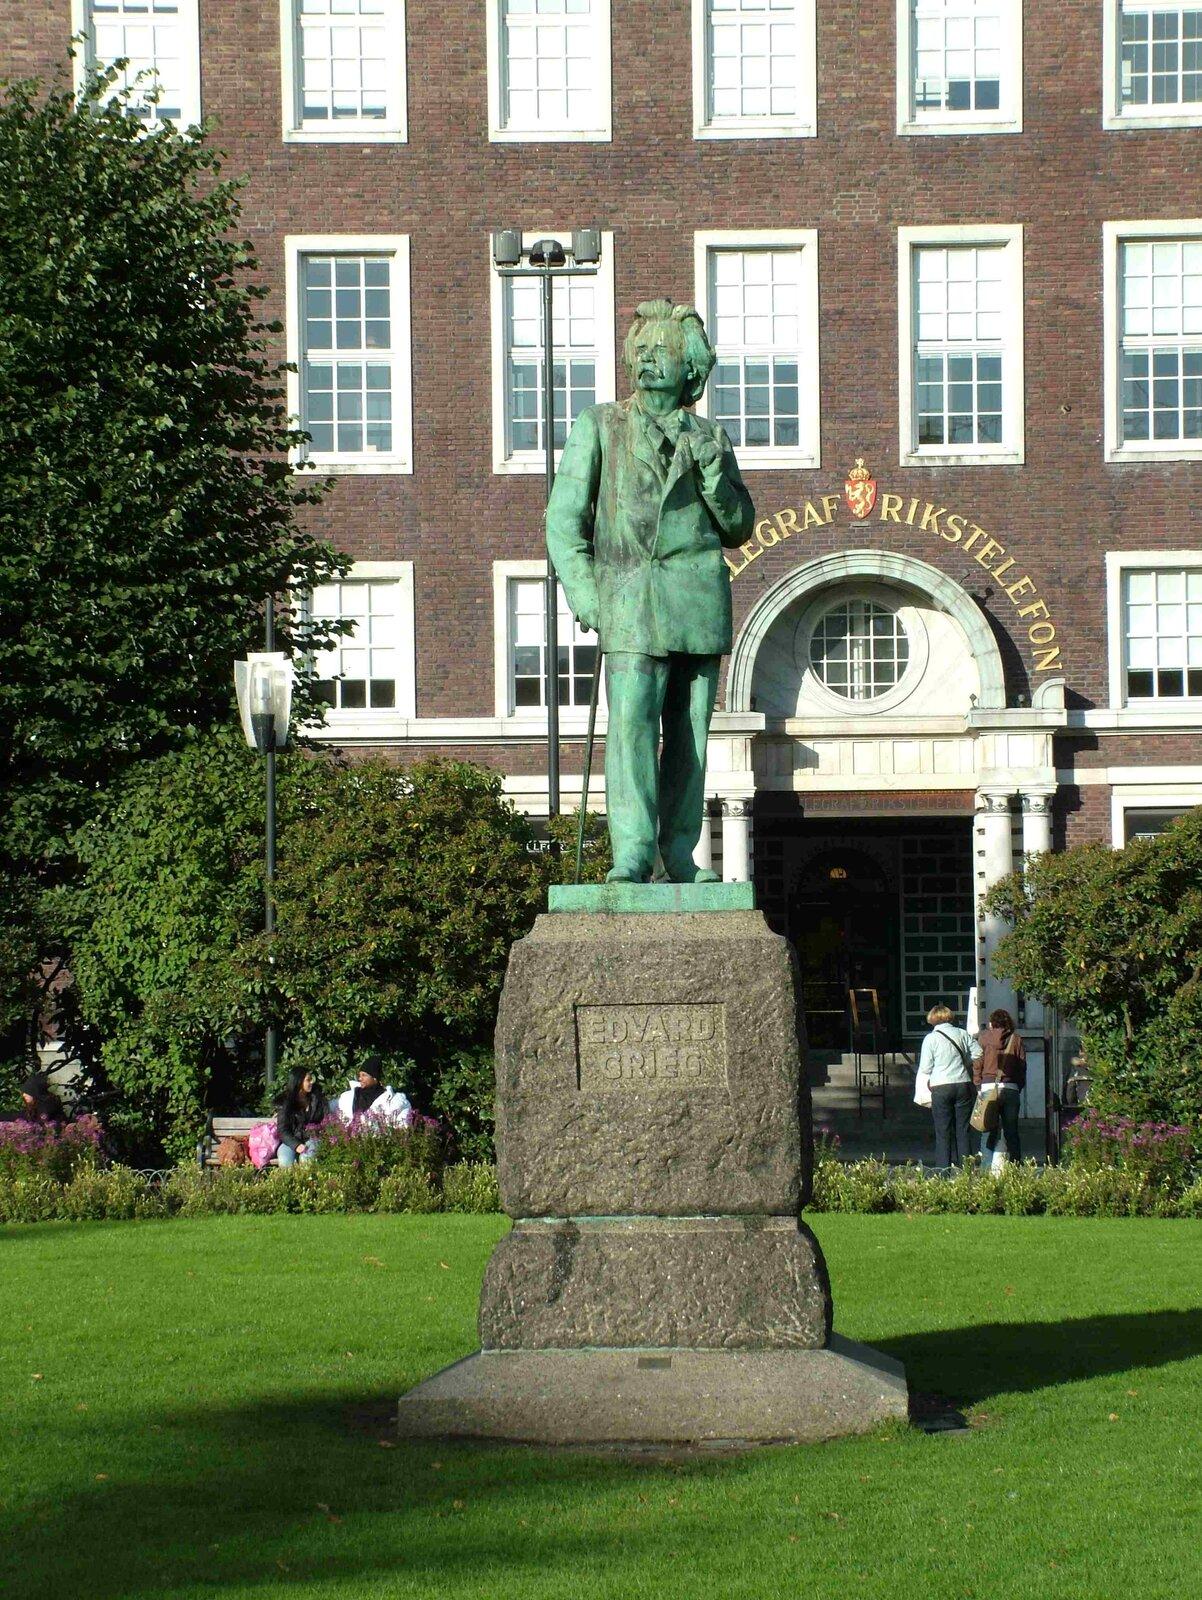 Ilustracja interaktywna przedstawia rzeźbę Edwarda Griega wBergen. Pomnik ukazuje postać starszego, eleganckiego mężczyzny.